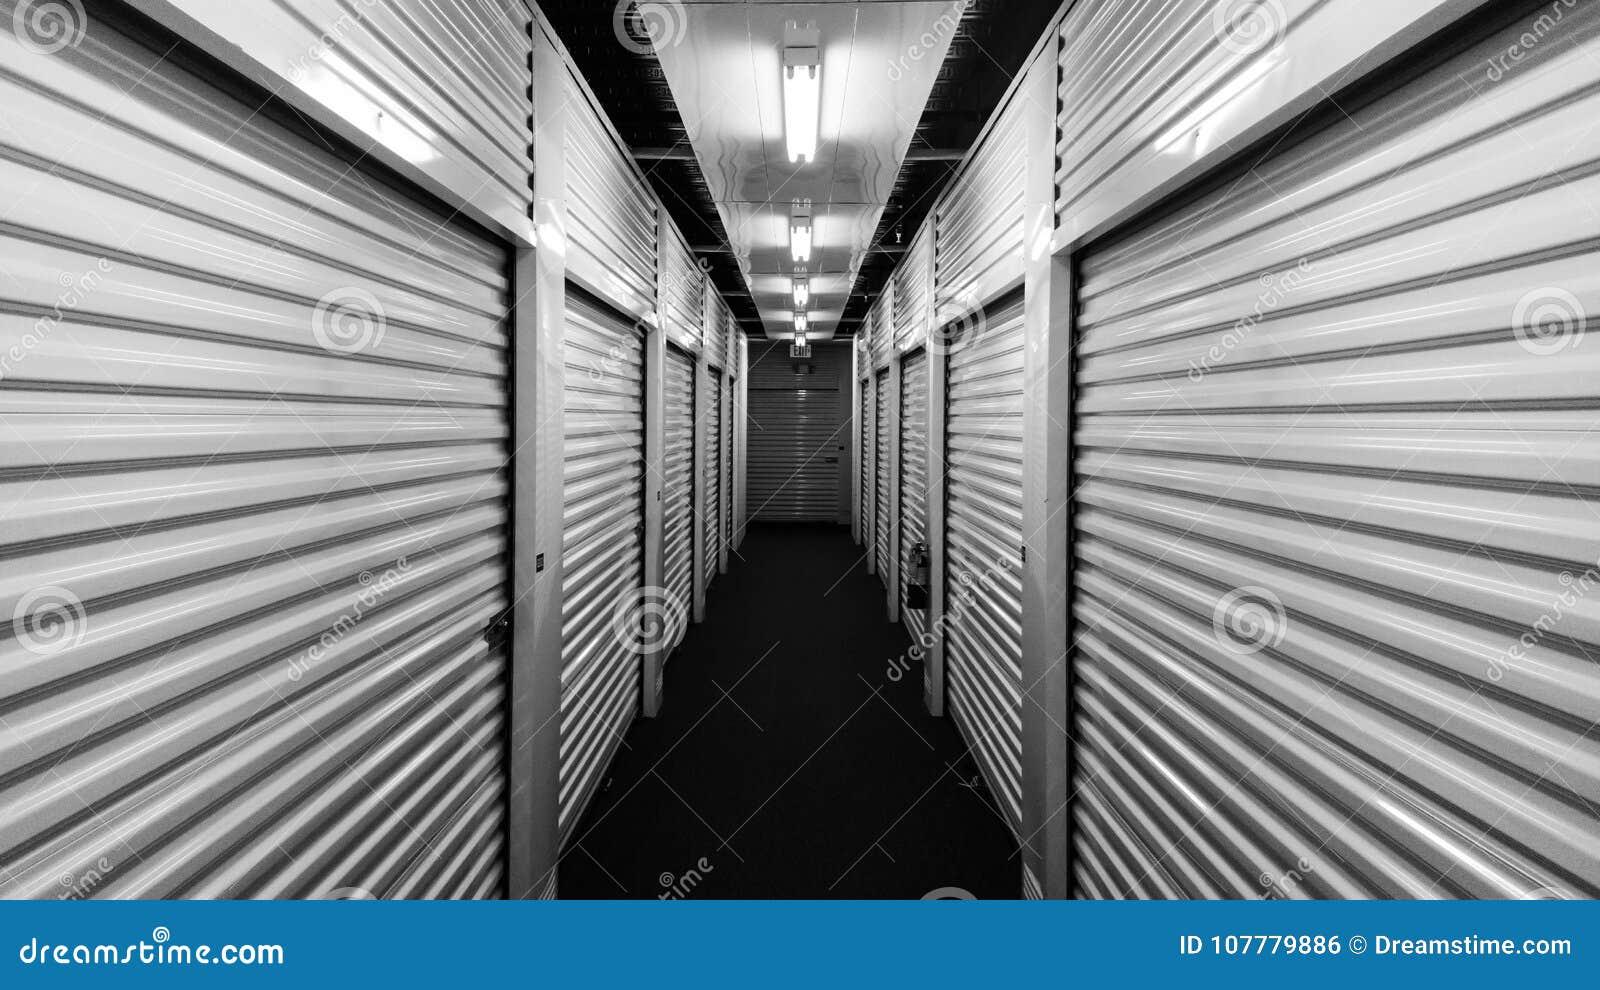 Schwarzweiss-Metallselbstspeichereinheitstüren auf jeder Seite einer Halle